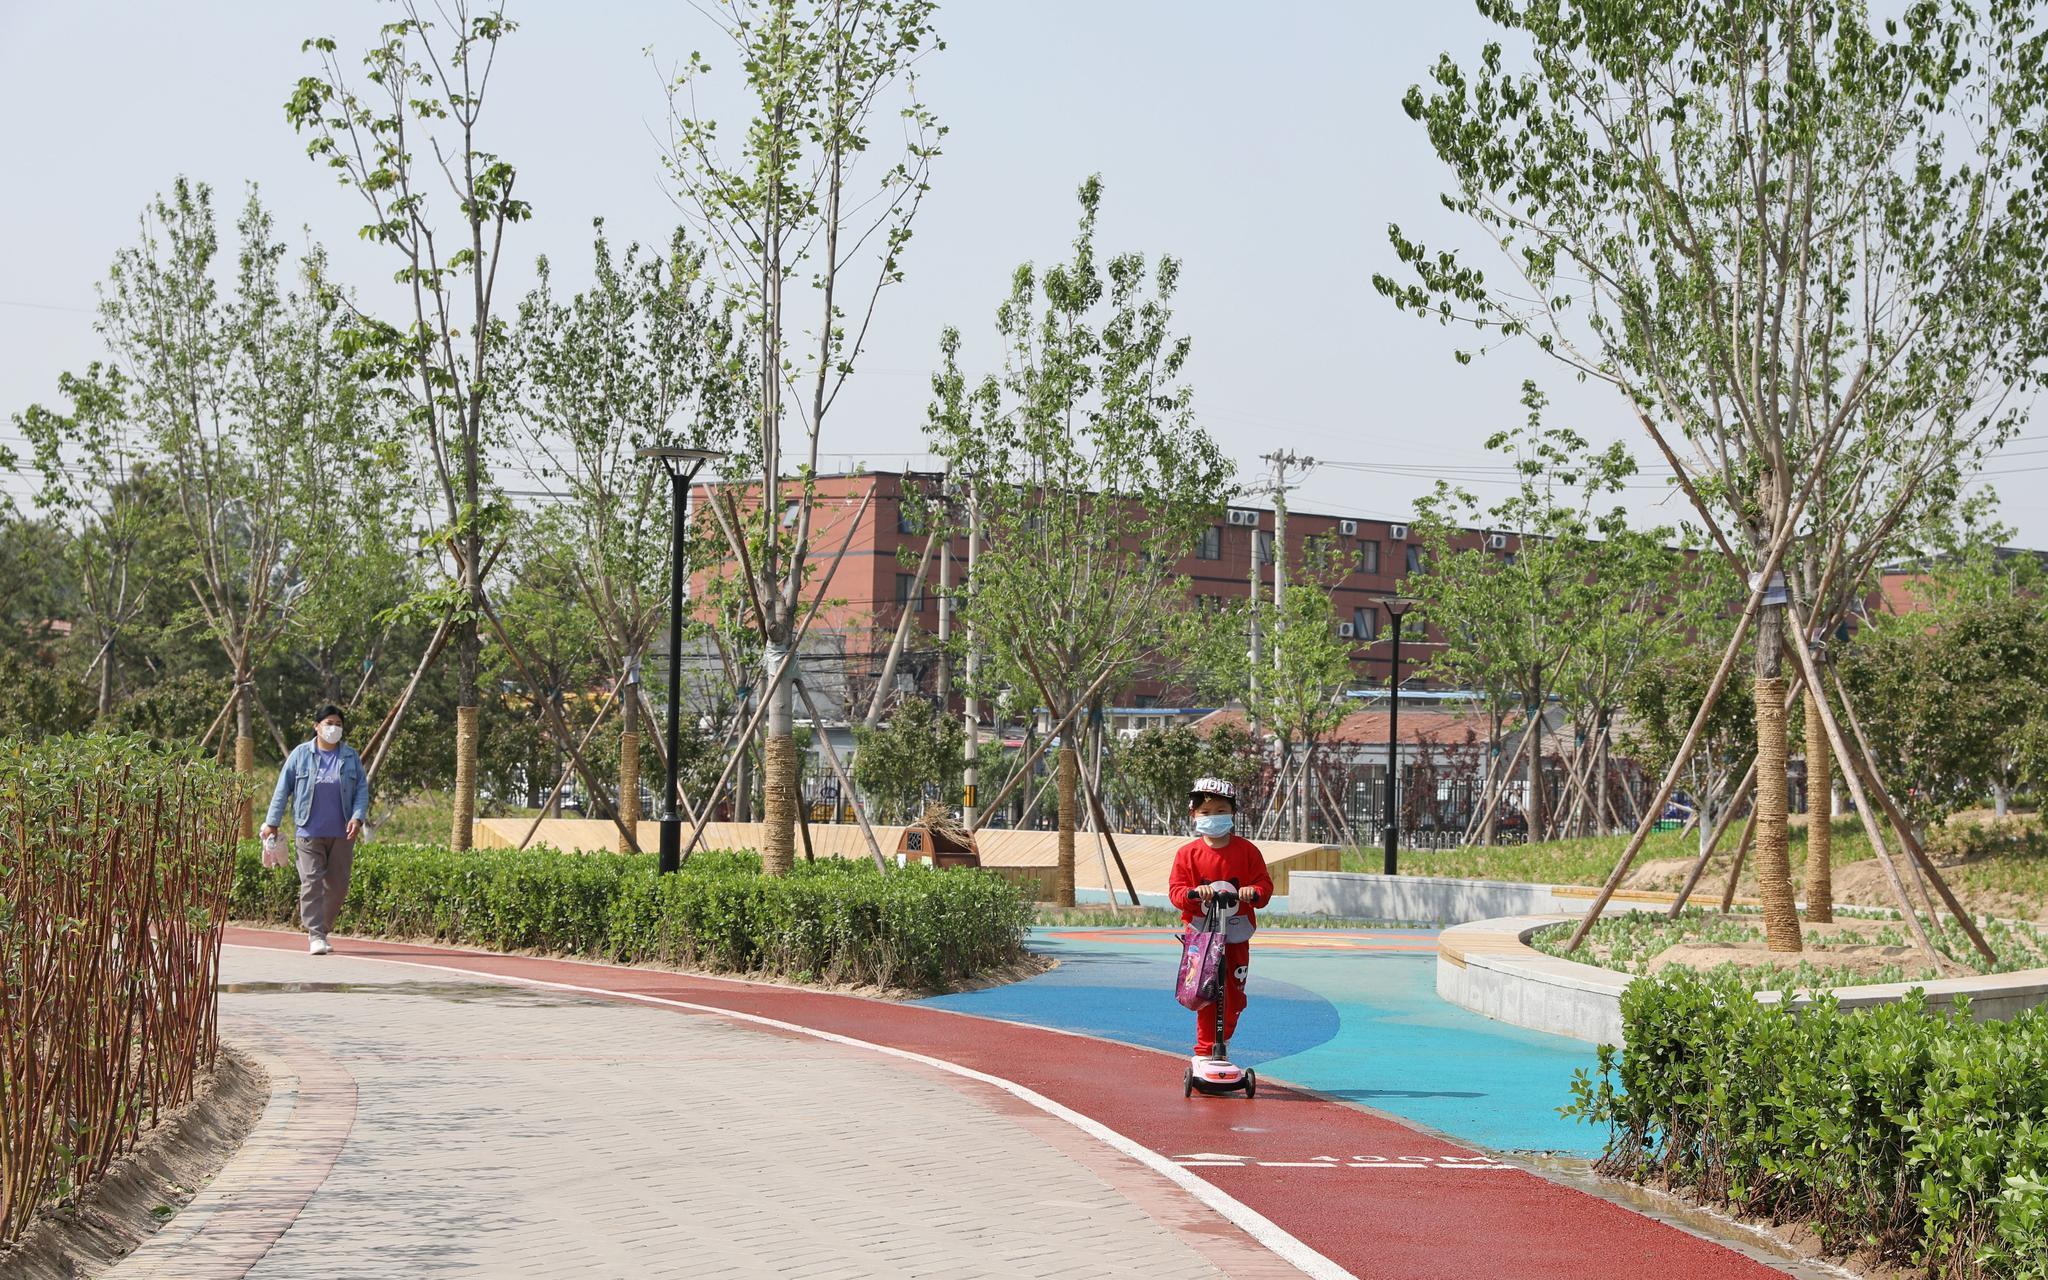 年内建成开放8处公园将实施绿化233杏悦,杏悦图片